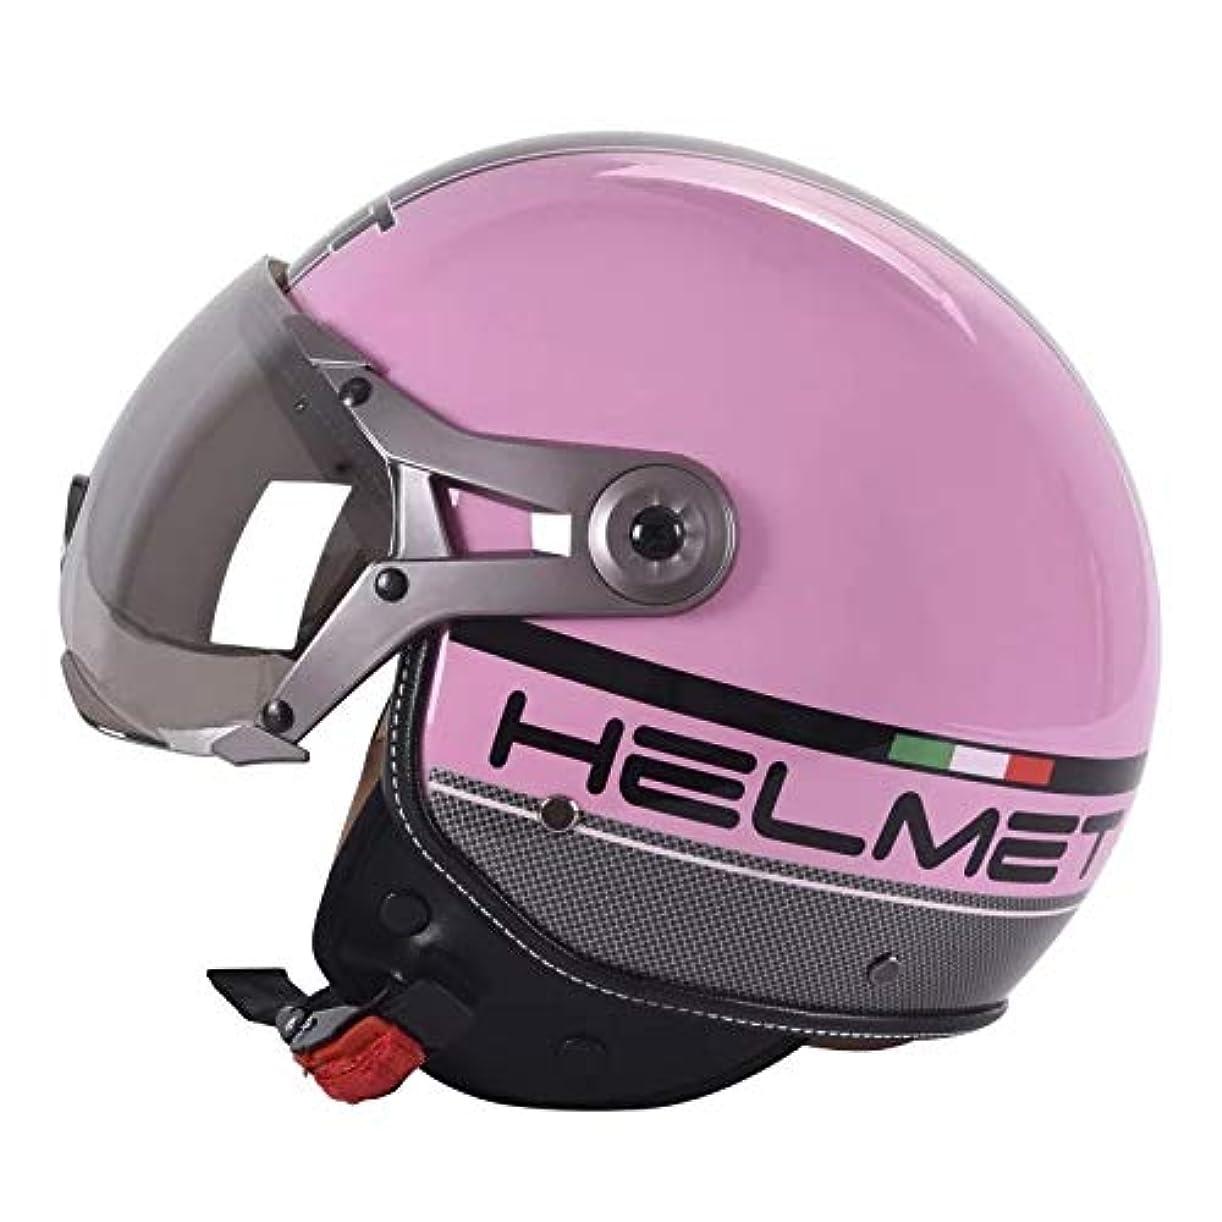 ポルノショッピングセンター技術TOMSSL高品質 オートバイヘルメット電動ヘルメットヘルメットハーフヘルメットユニセックスフォーシーズンヘルメット - ピンク (Size : XL)